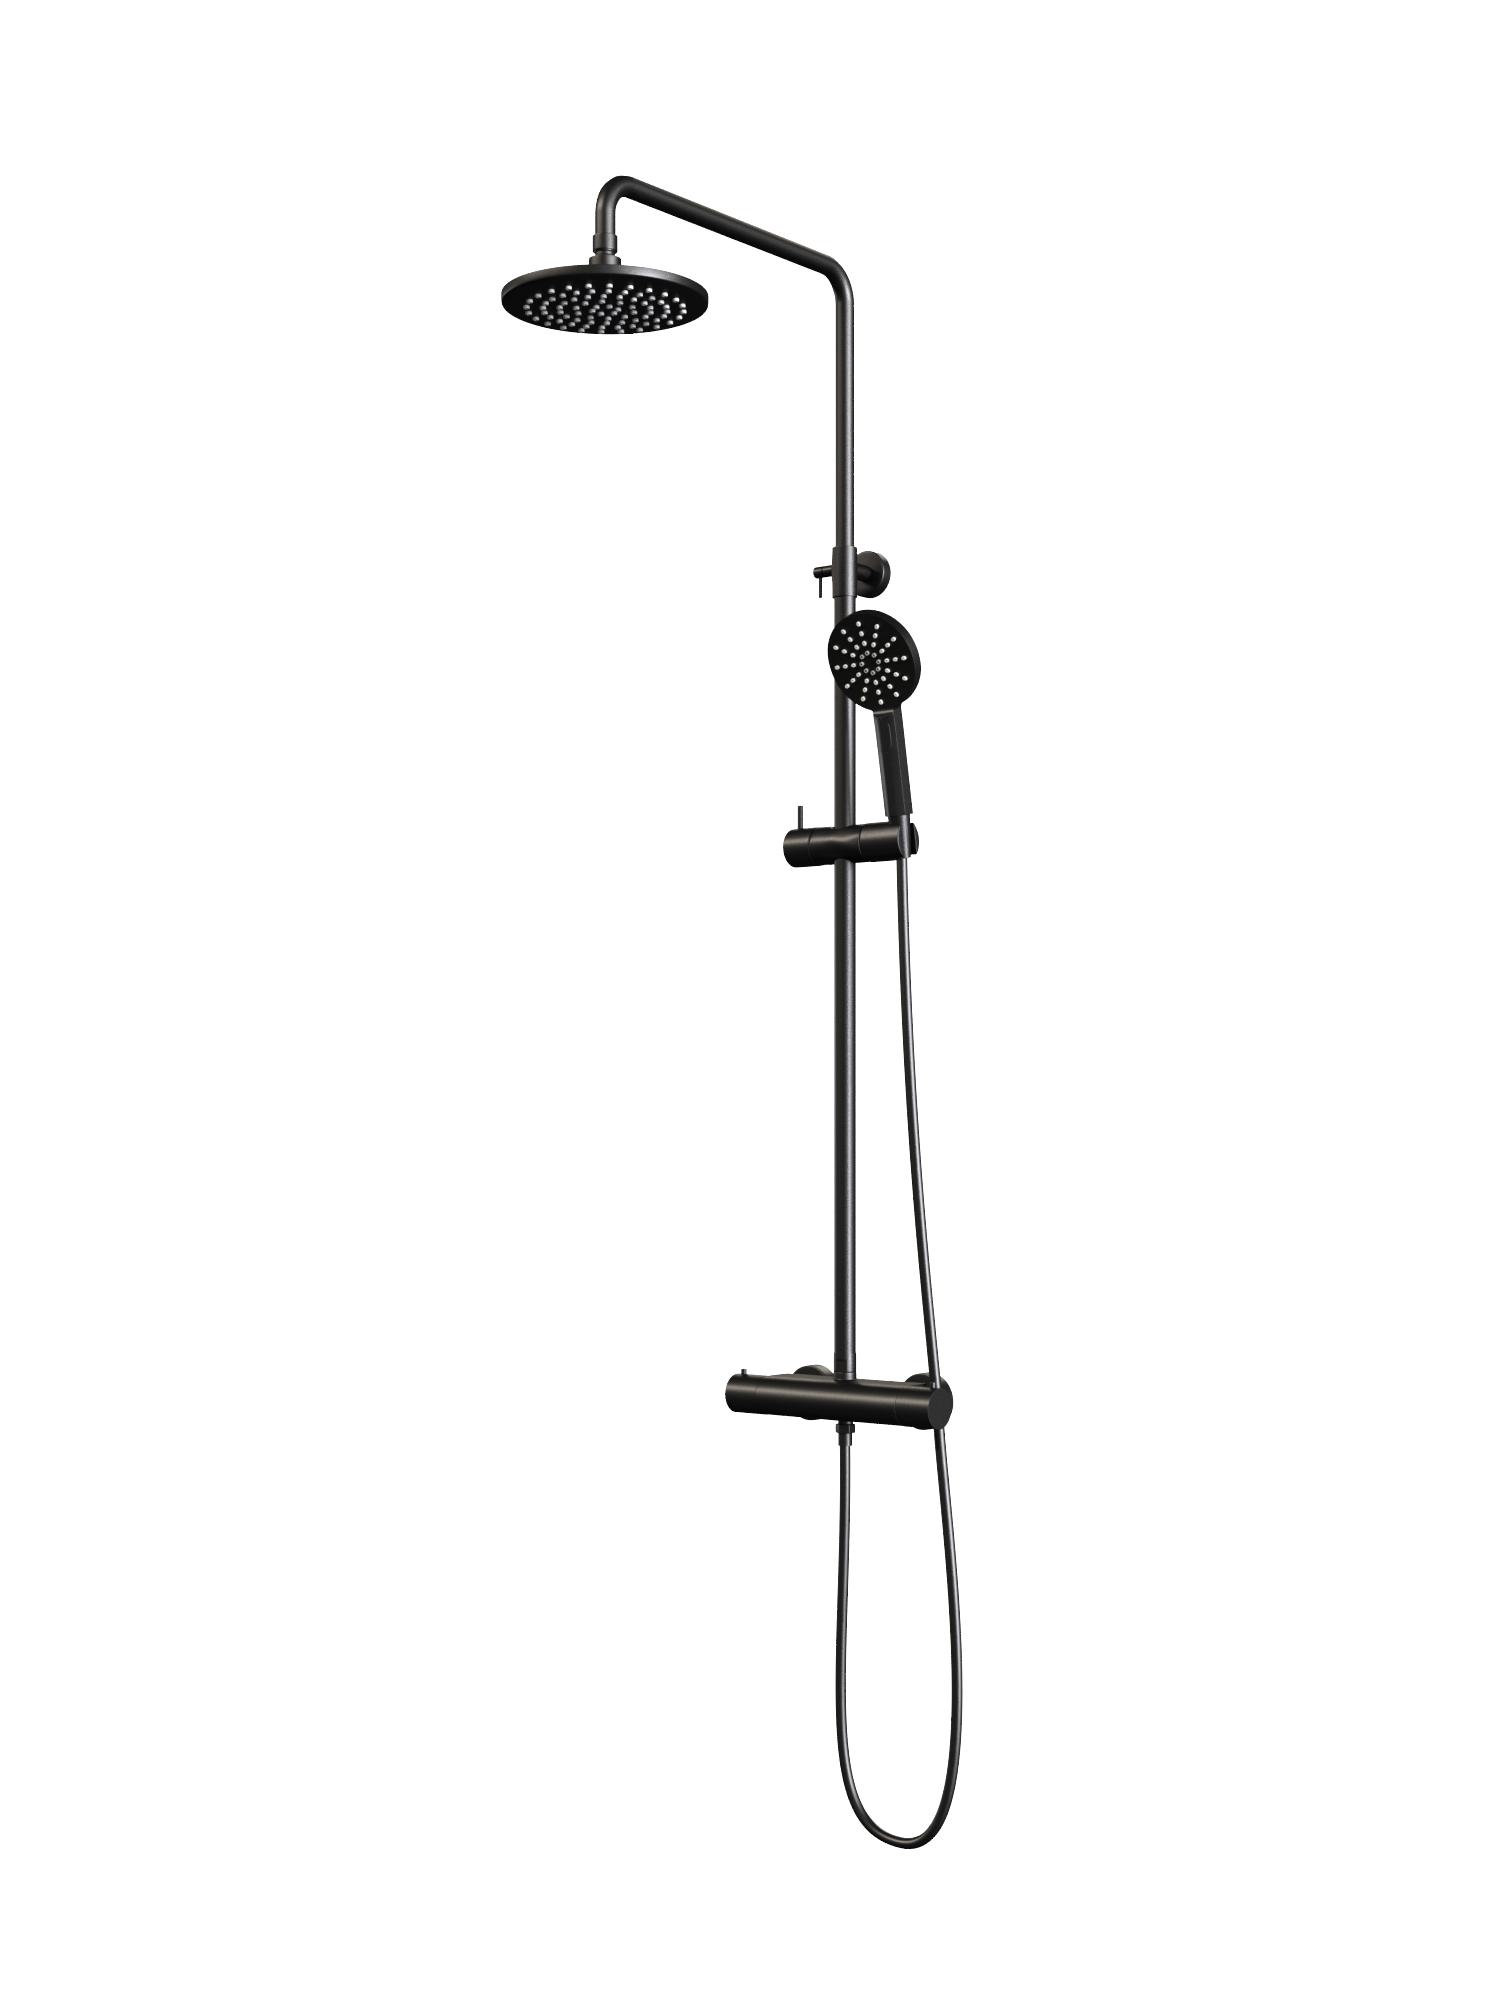 Regendouche Brauer Black Showerpipe met Thermostaat 20cm 3 Standen Mat Zwart